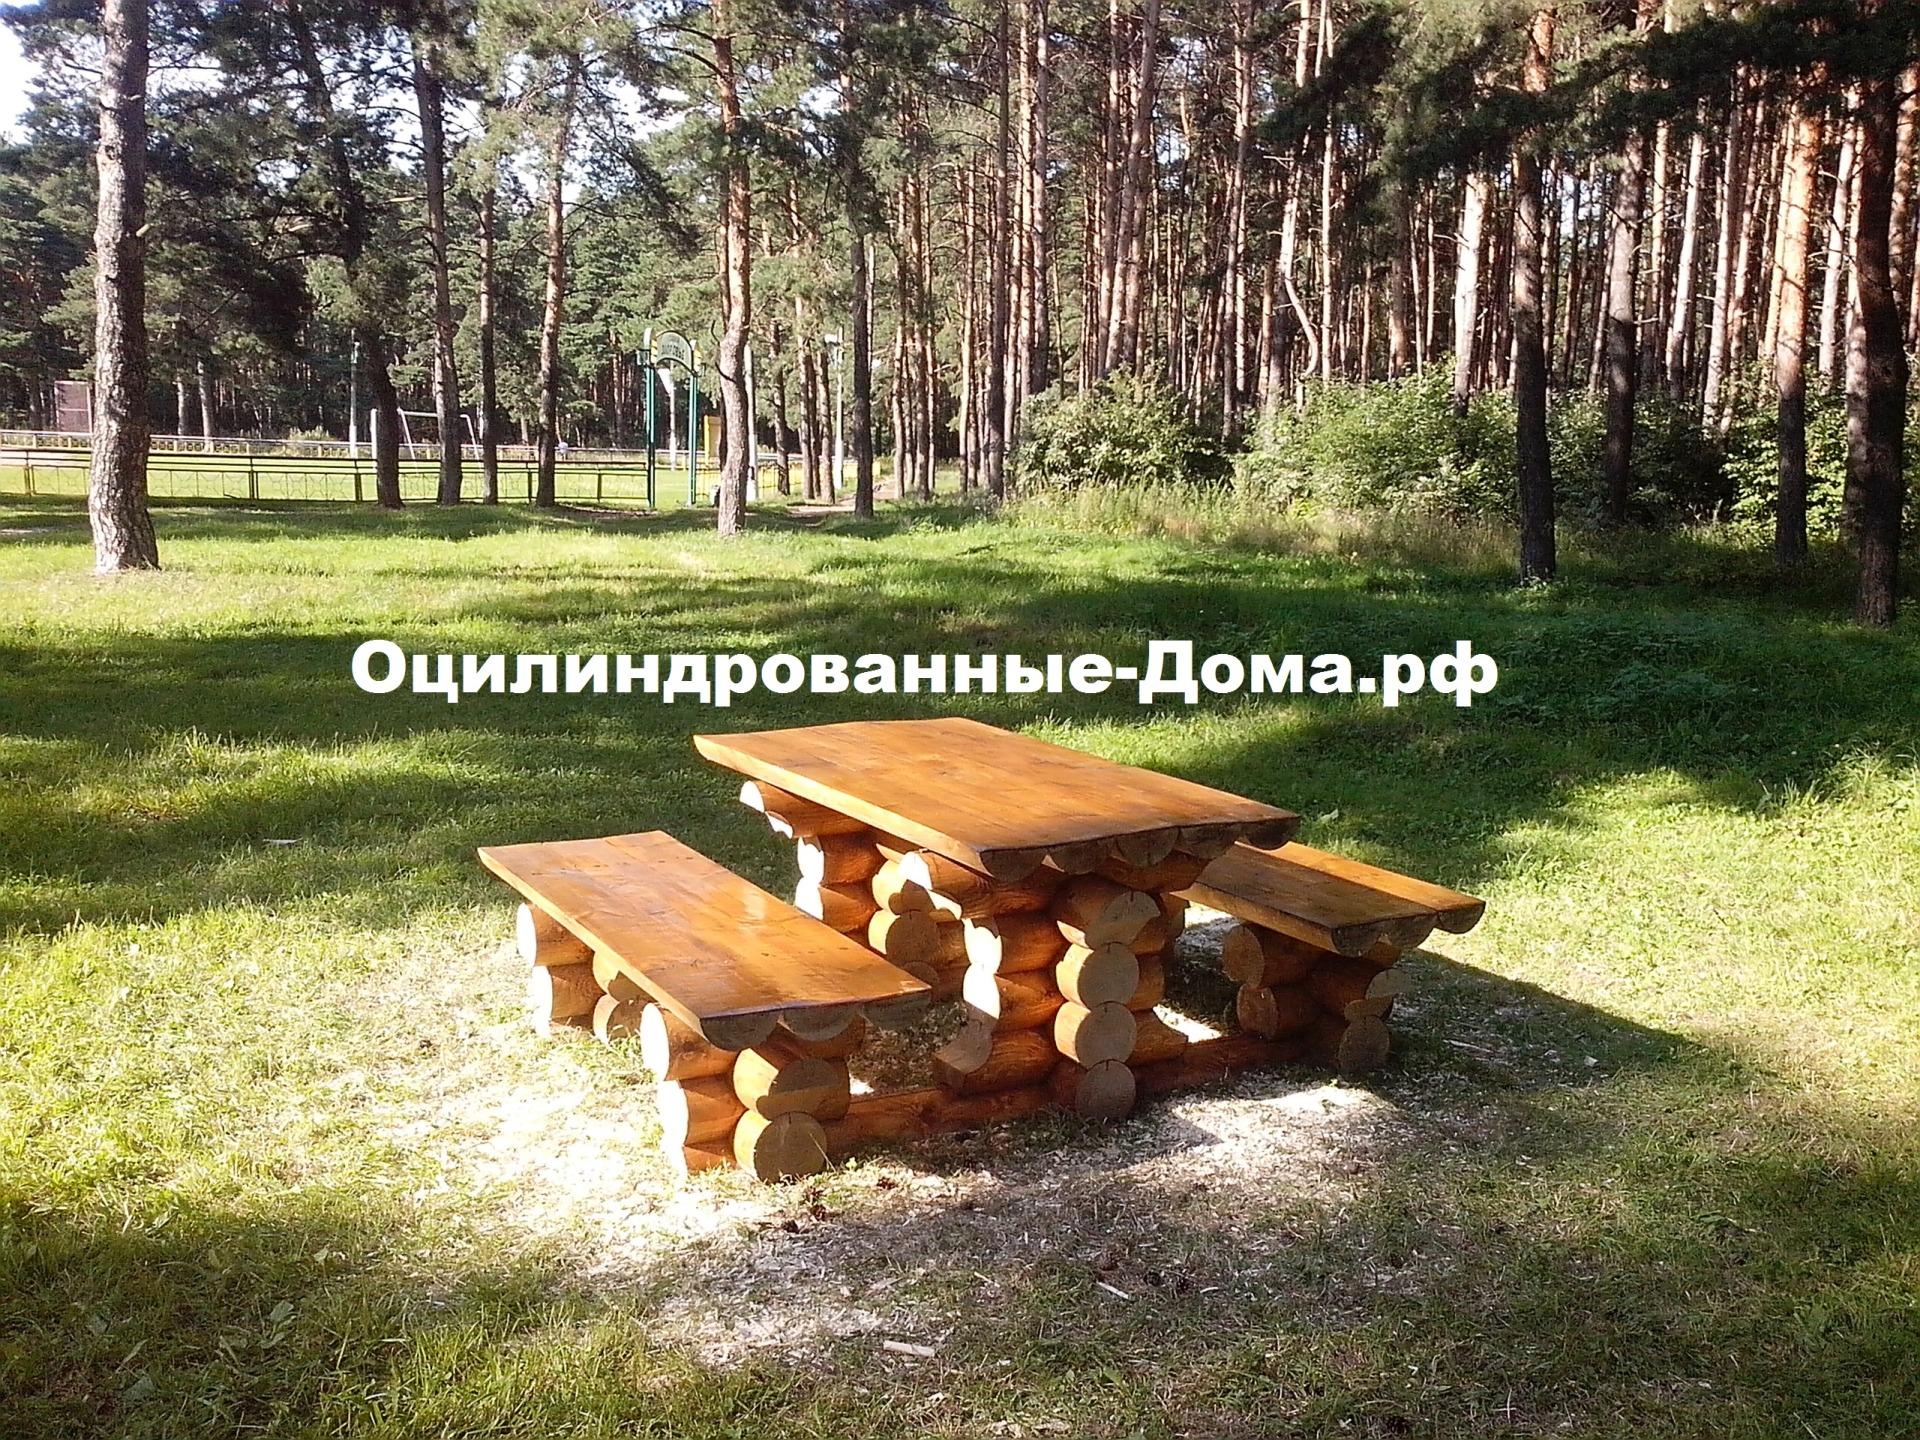 Стол со скамейкой из калиброванного бревна